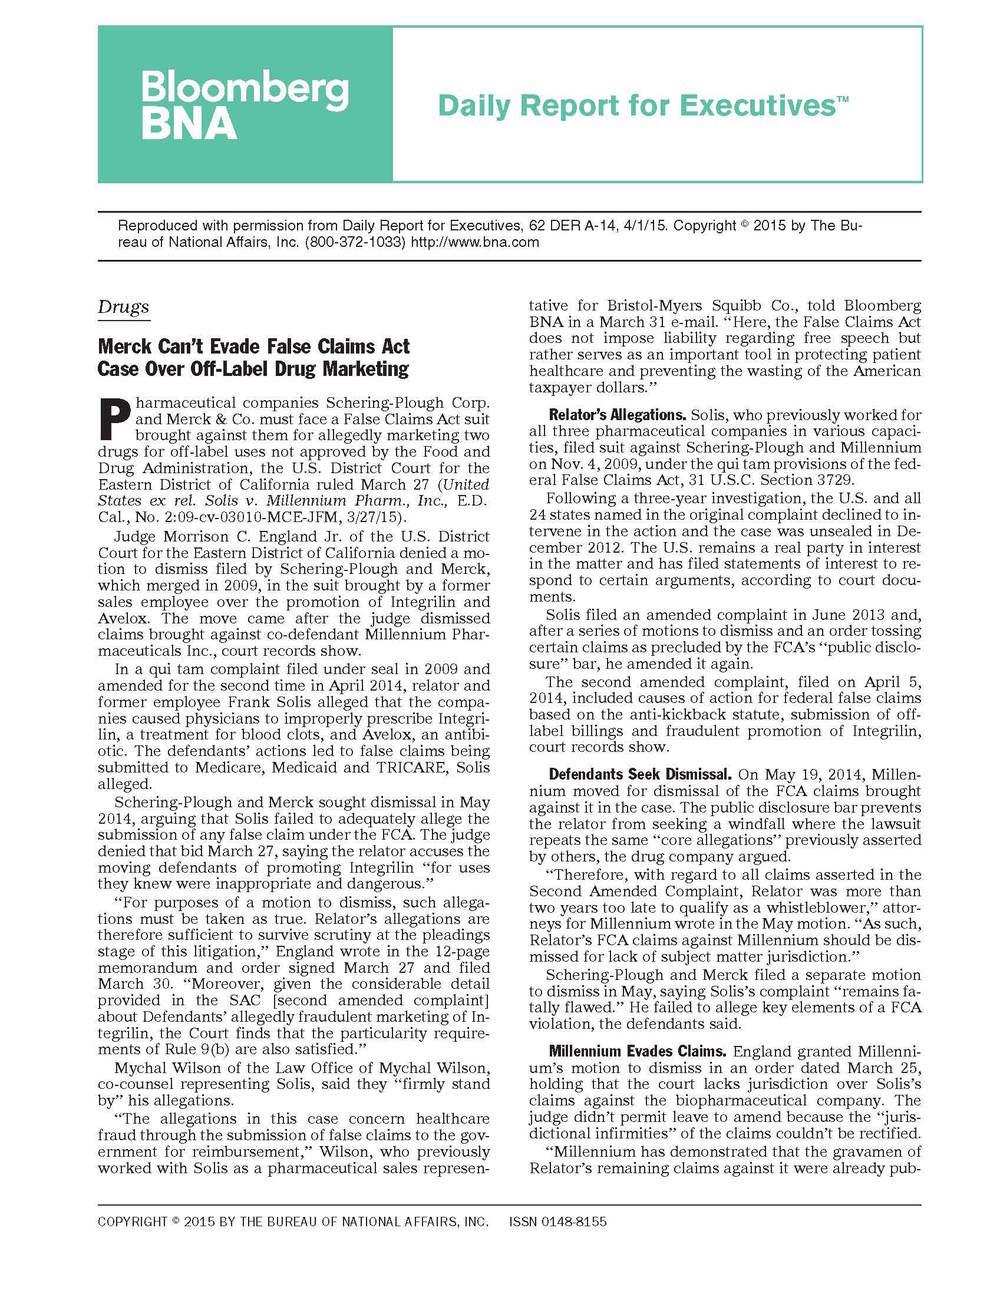 Merck_Page_1.jpg